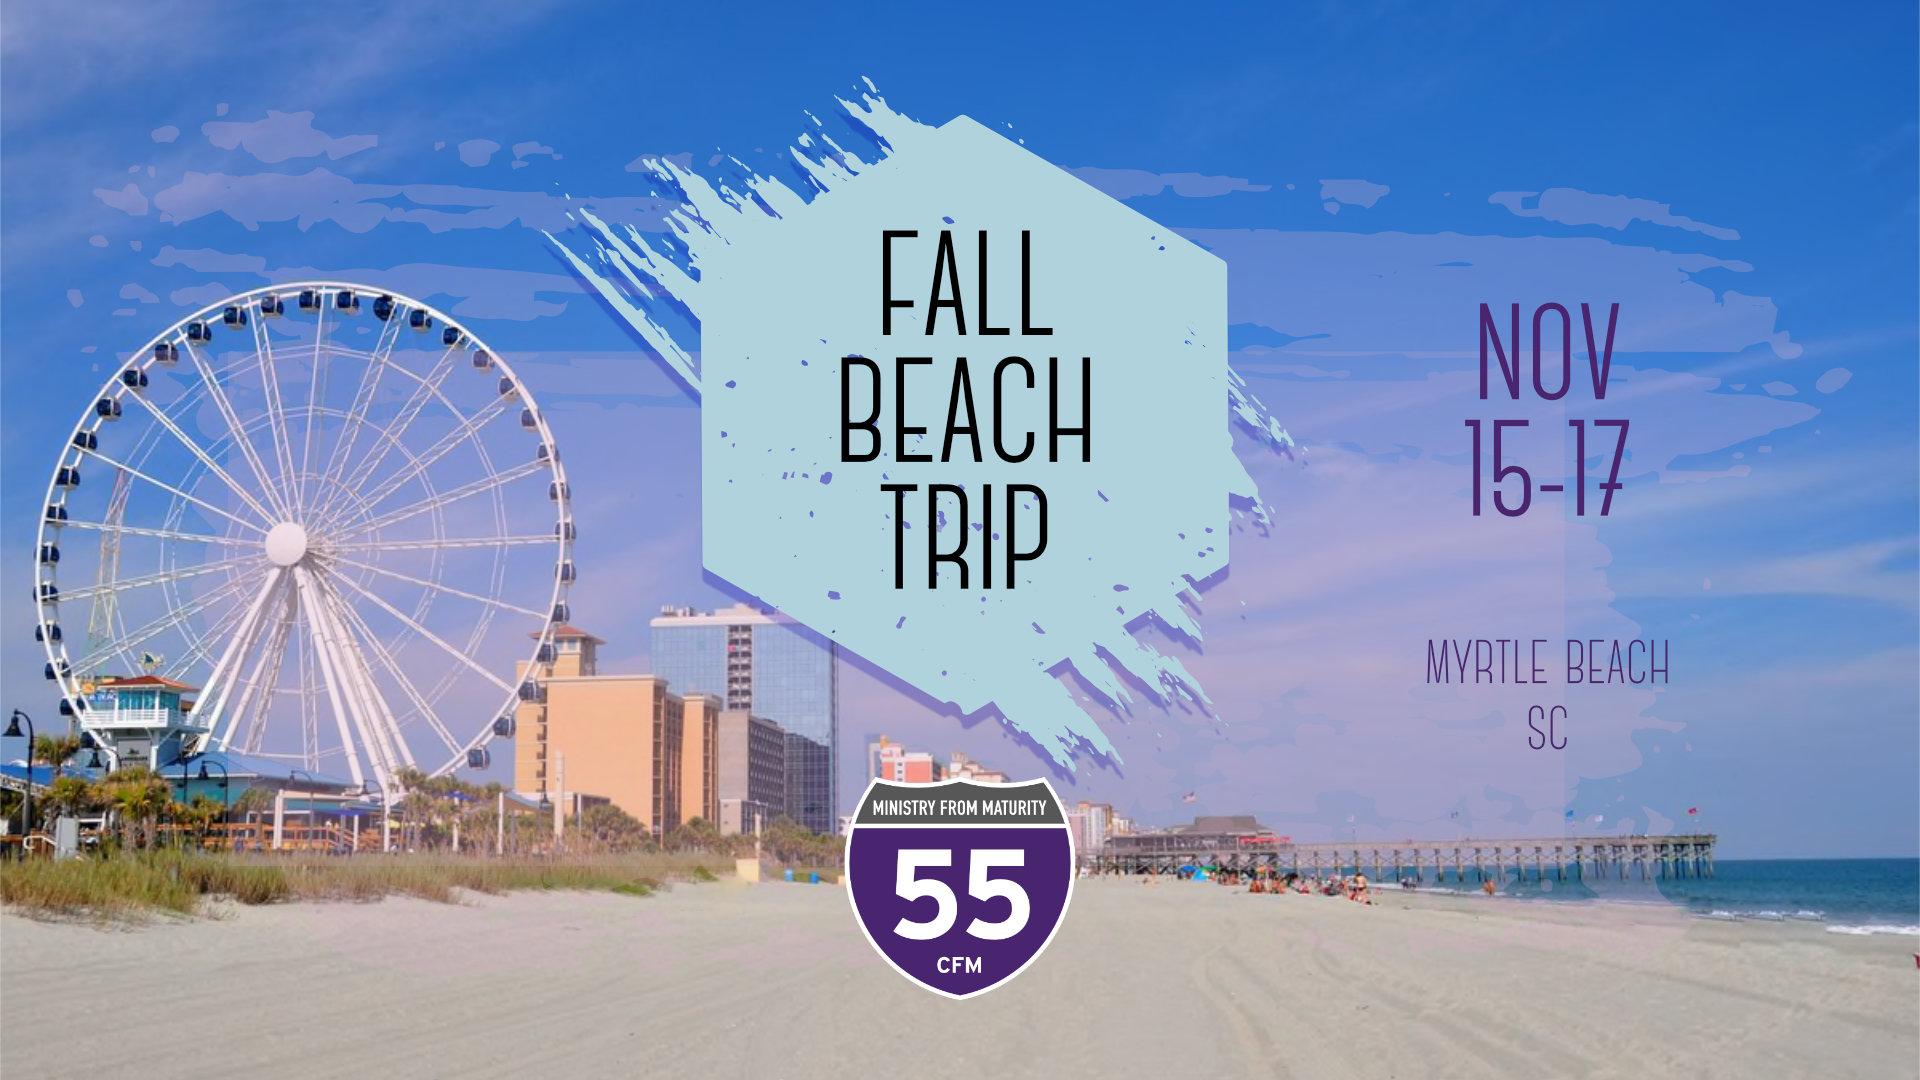 I-55 2019 Fall Beach Trip.jpg